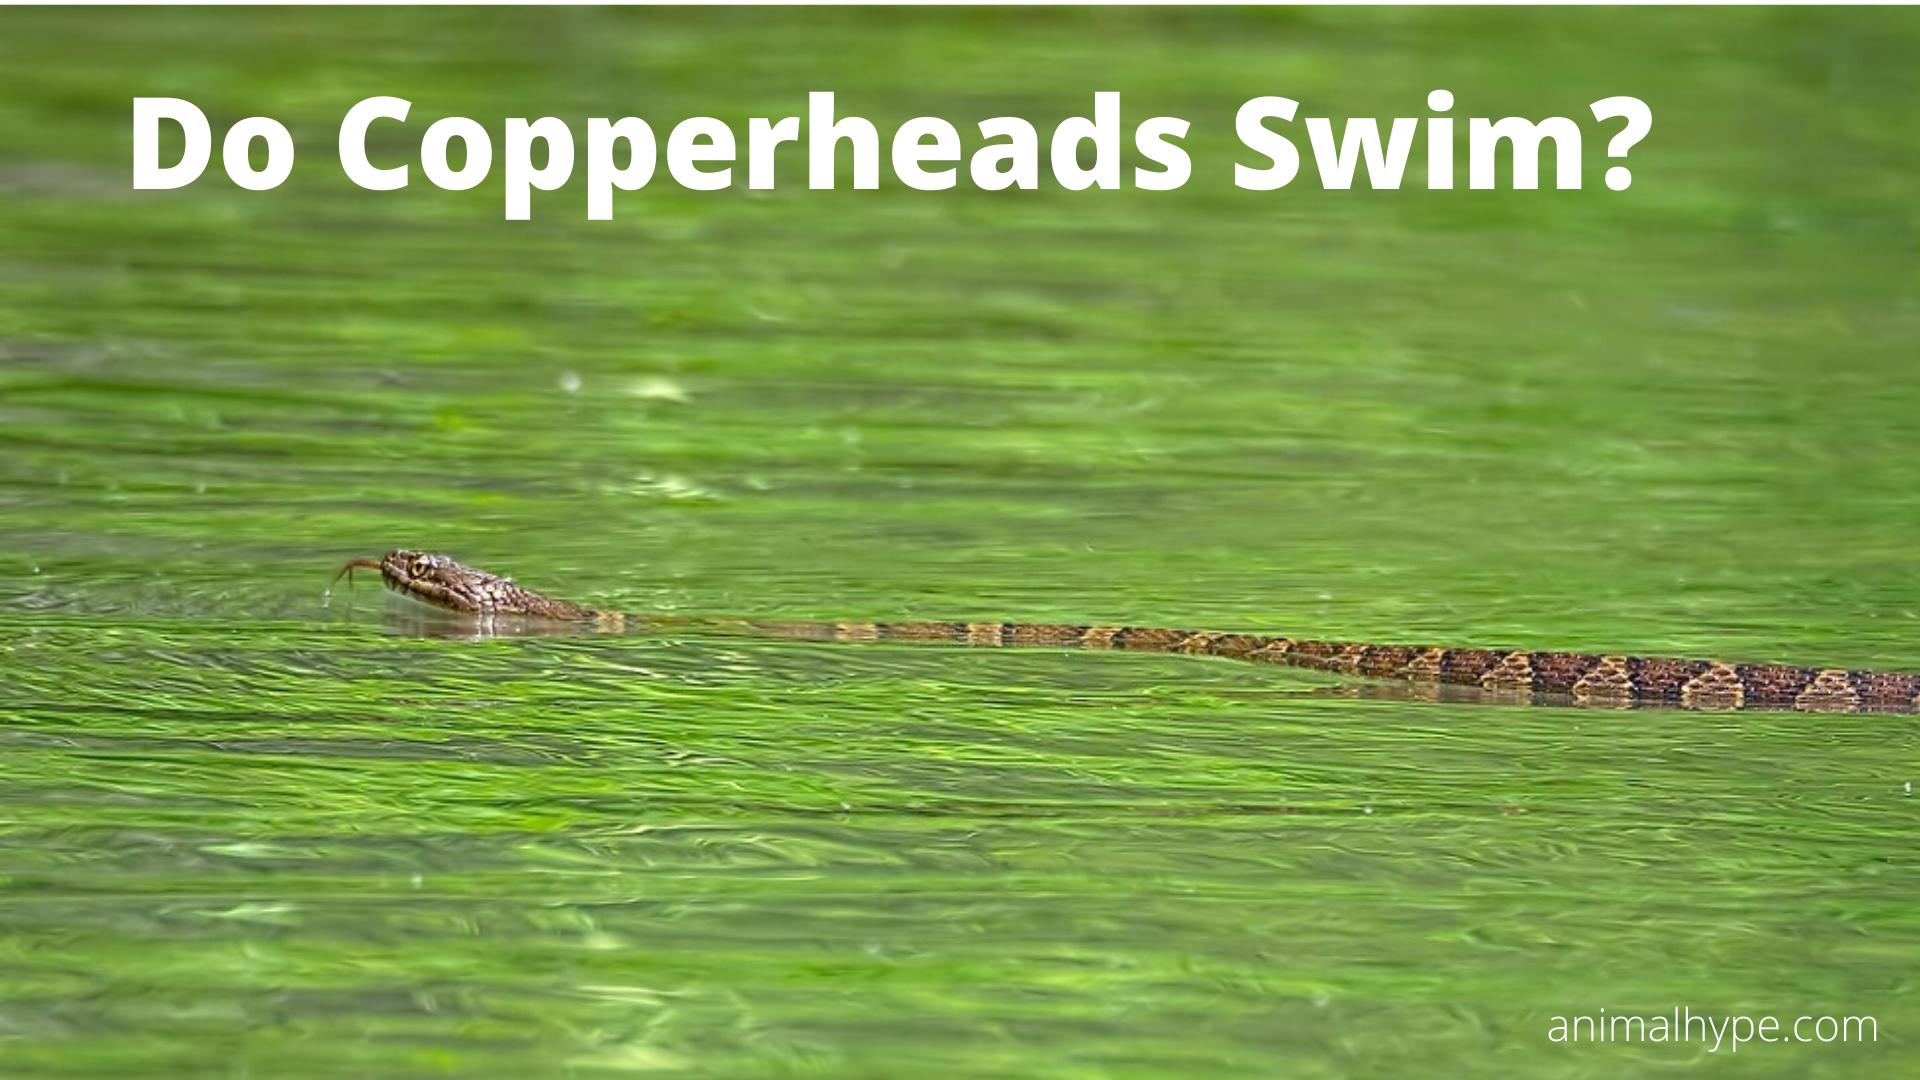 Do Copperheads Swim